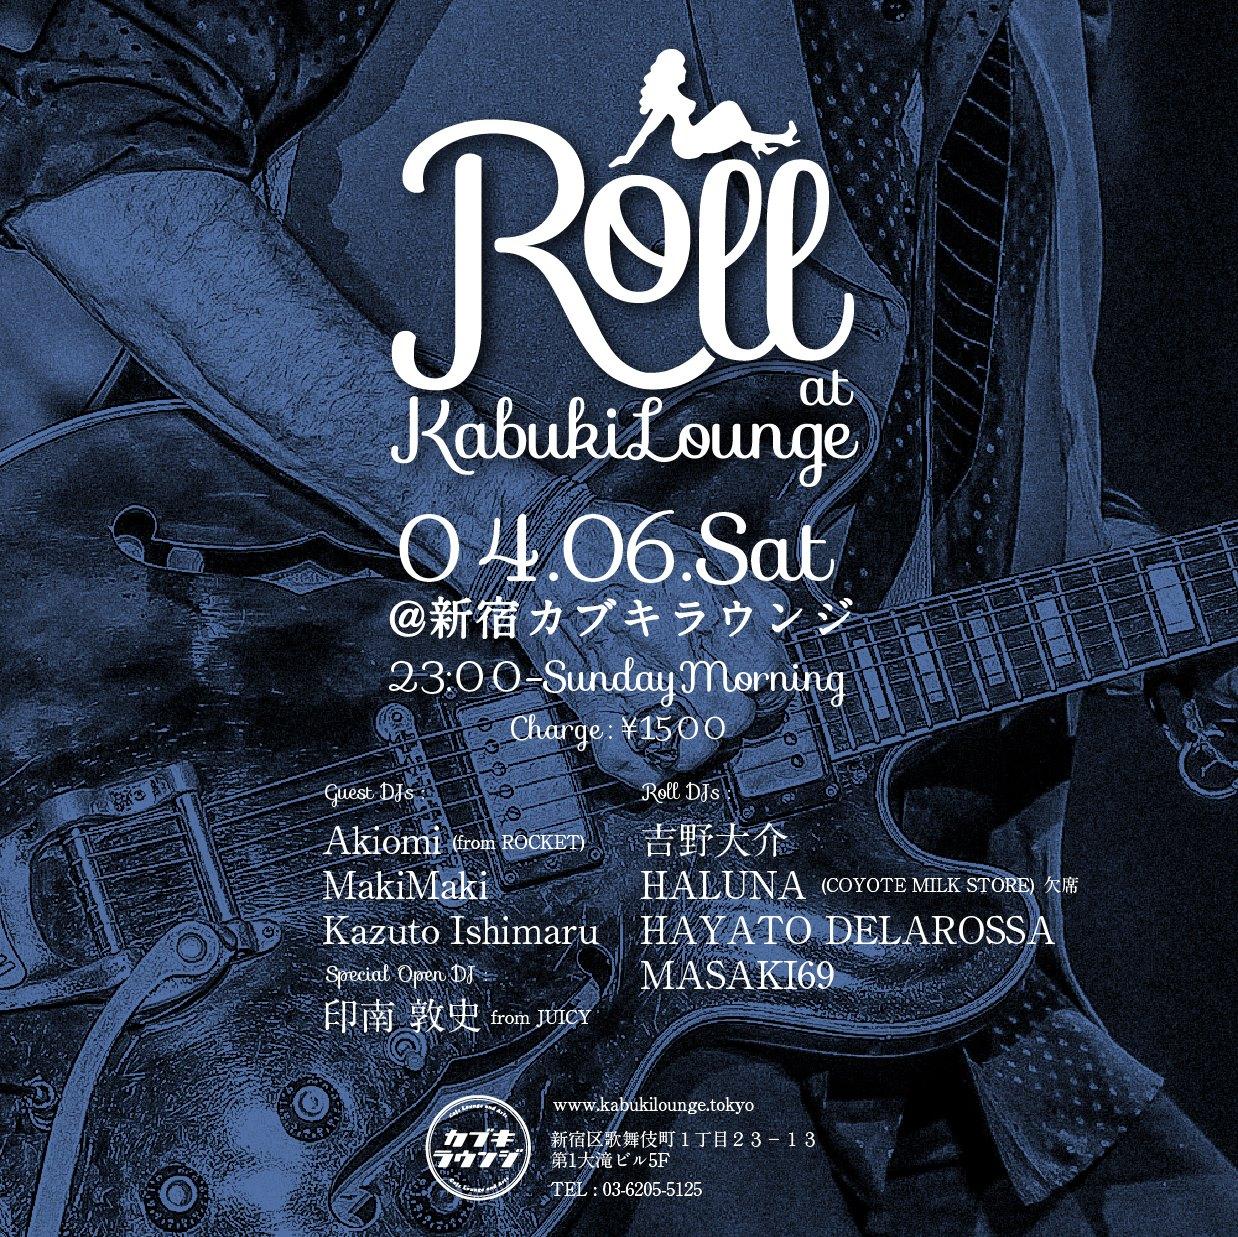 04.06.sat Roll @新宿カブキラウンジ